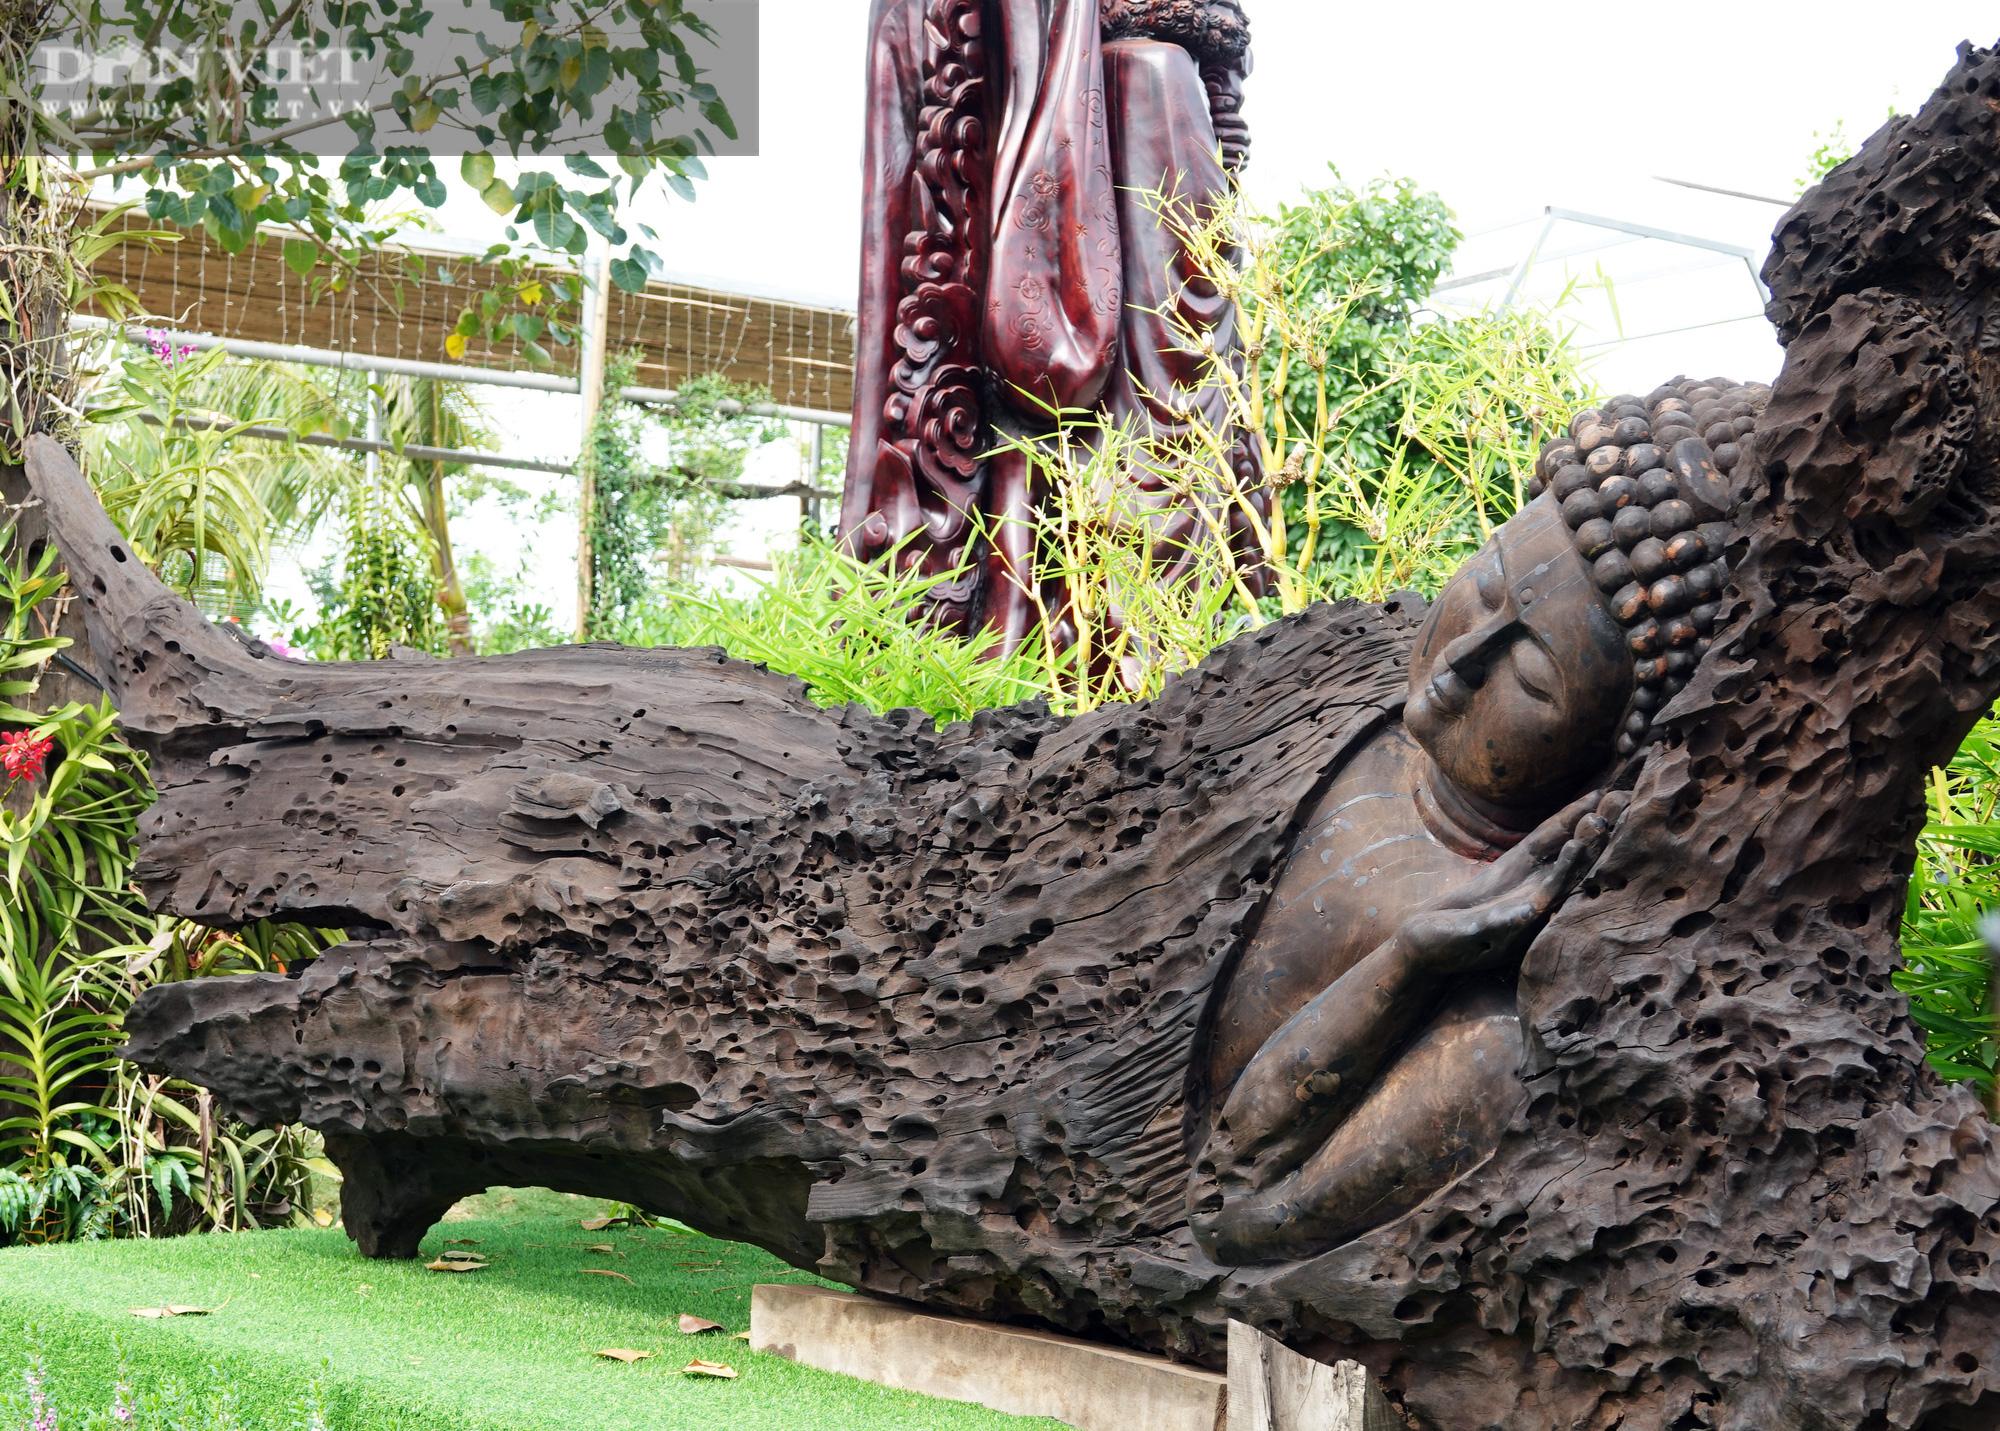 Bộ sưu tập tượng khủng làm từ những khúc gỗ quý hiếm bị chôn vùi dưới lòng sông hàng trăm năm  - Ảnh 1.